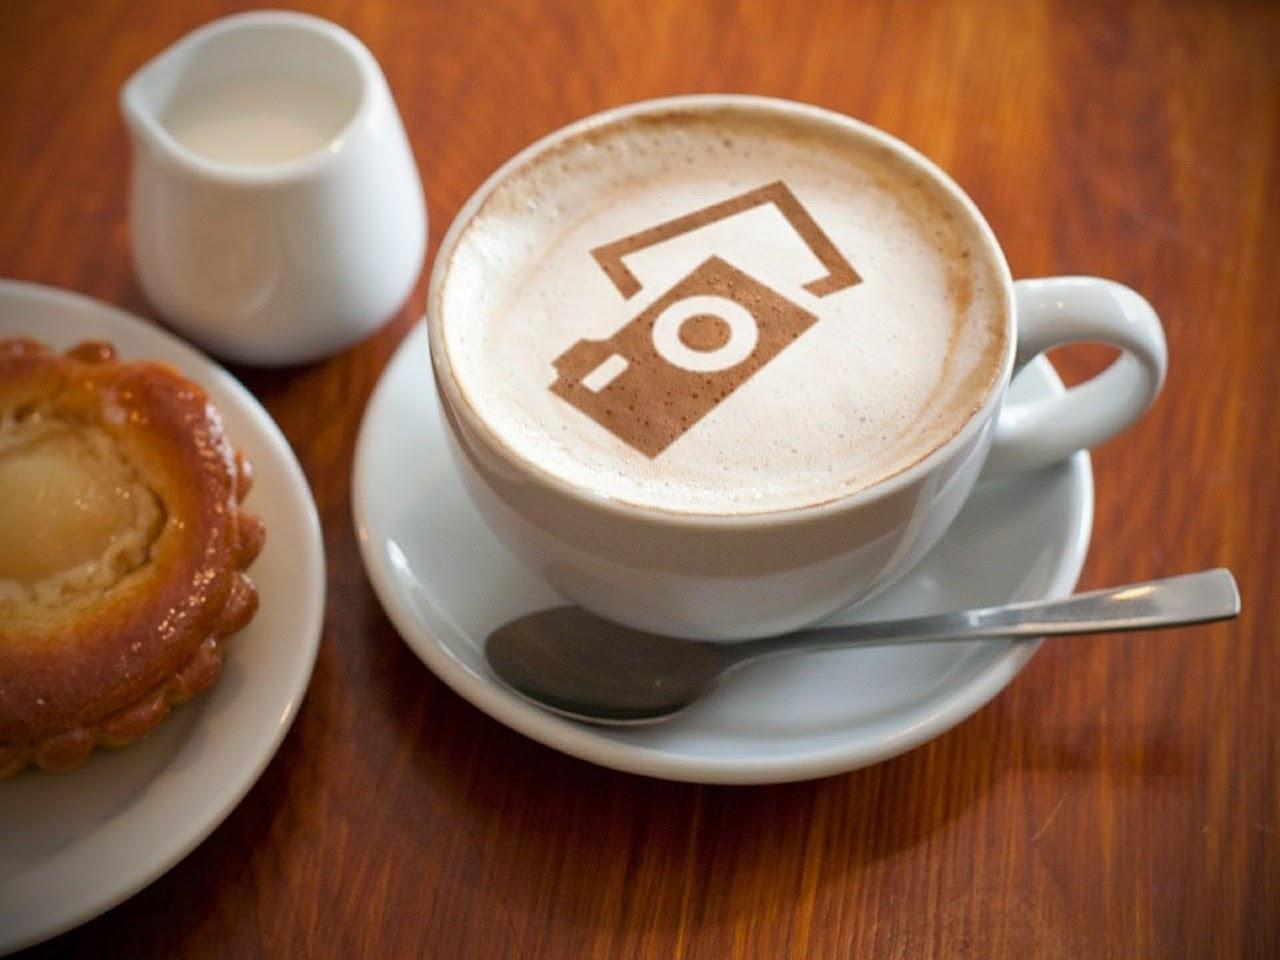 بالصور صور عن القهوة , اجمل الصور لاجمل فنجان قهوه 4978 7